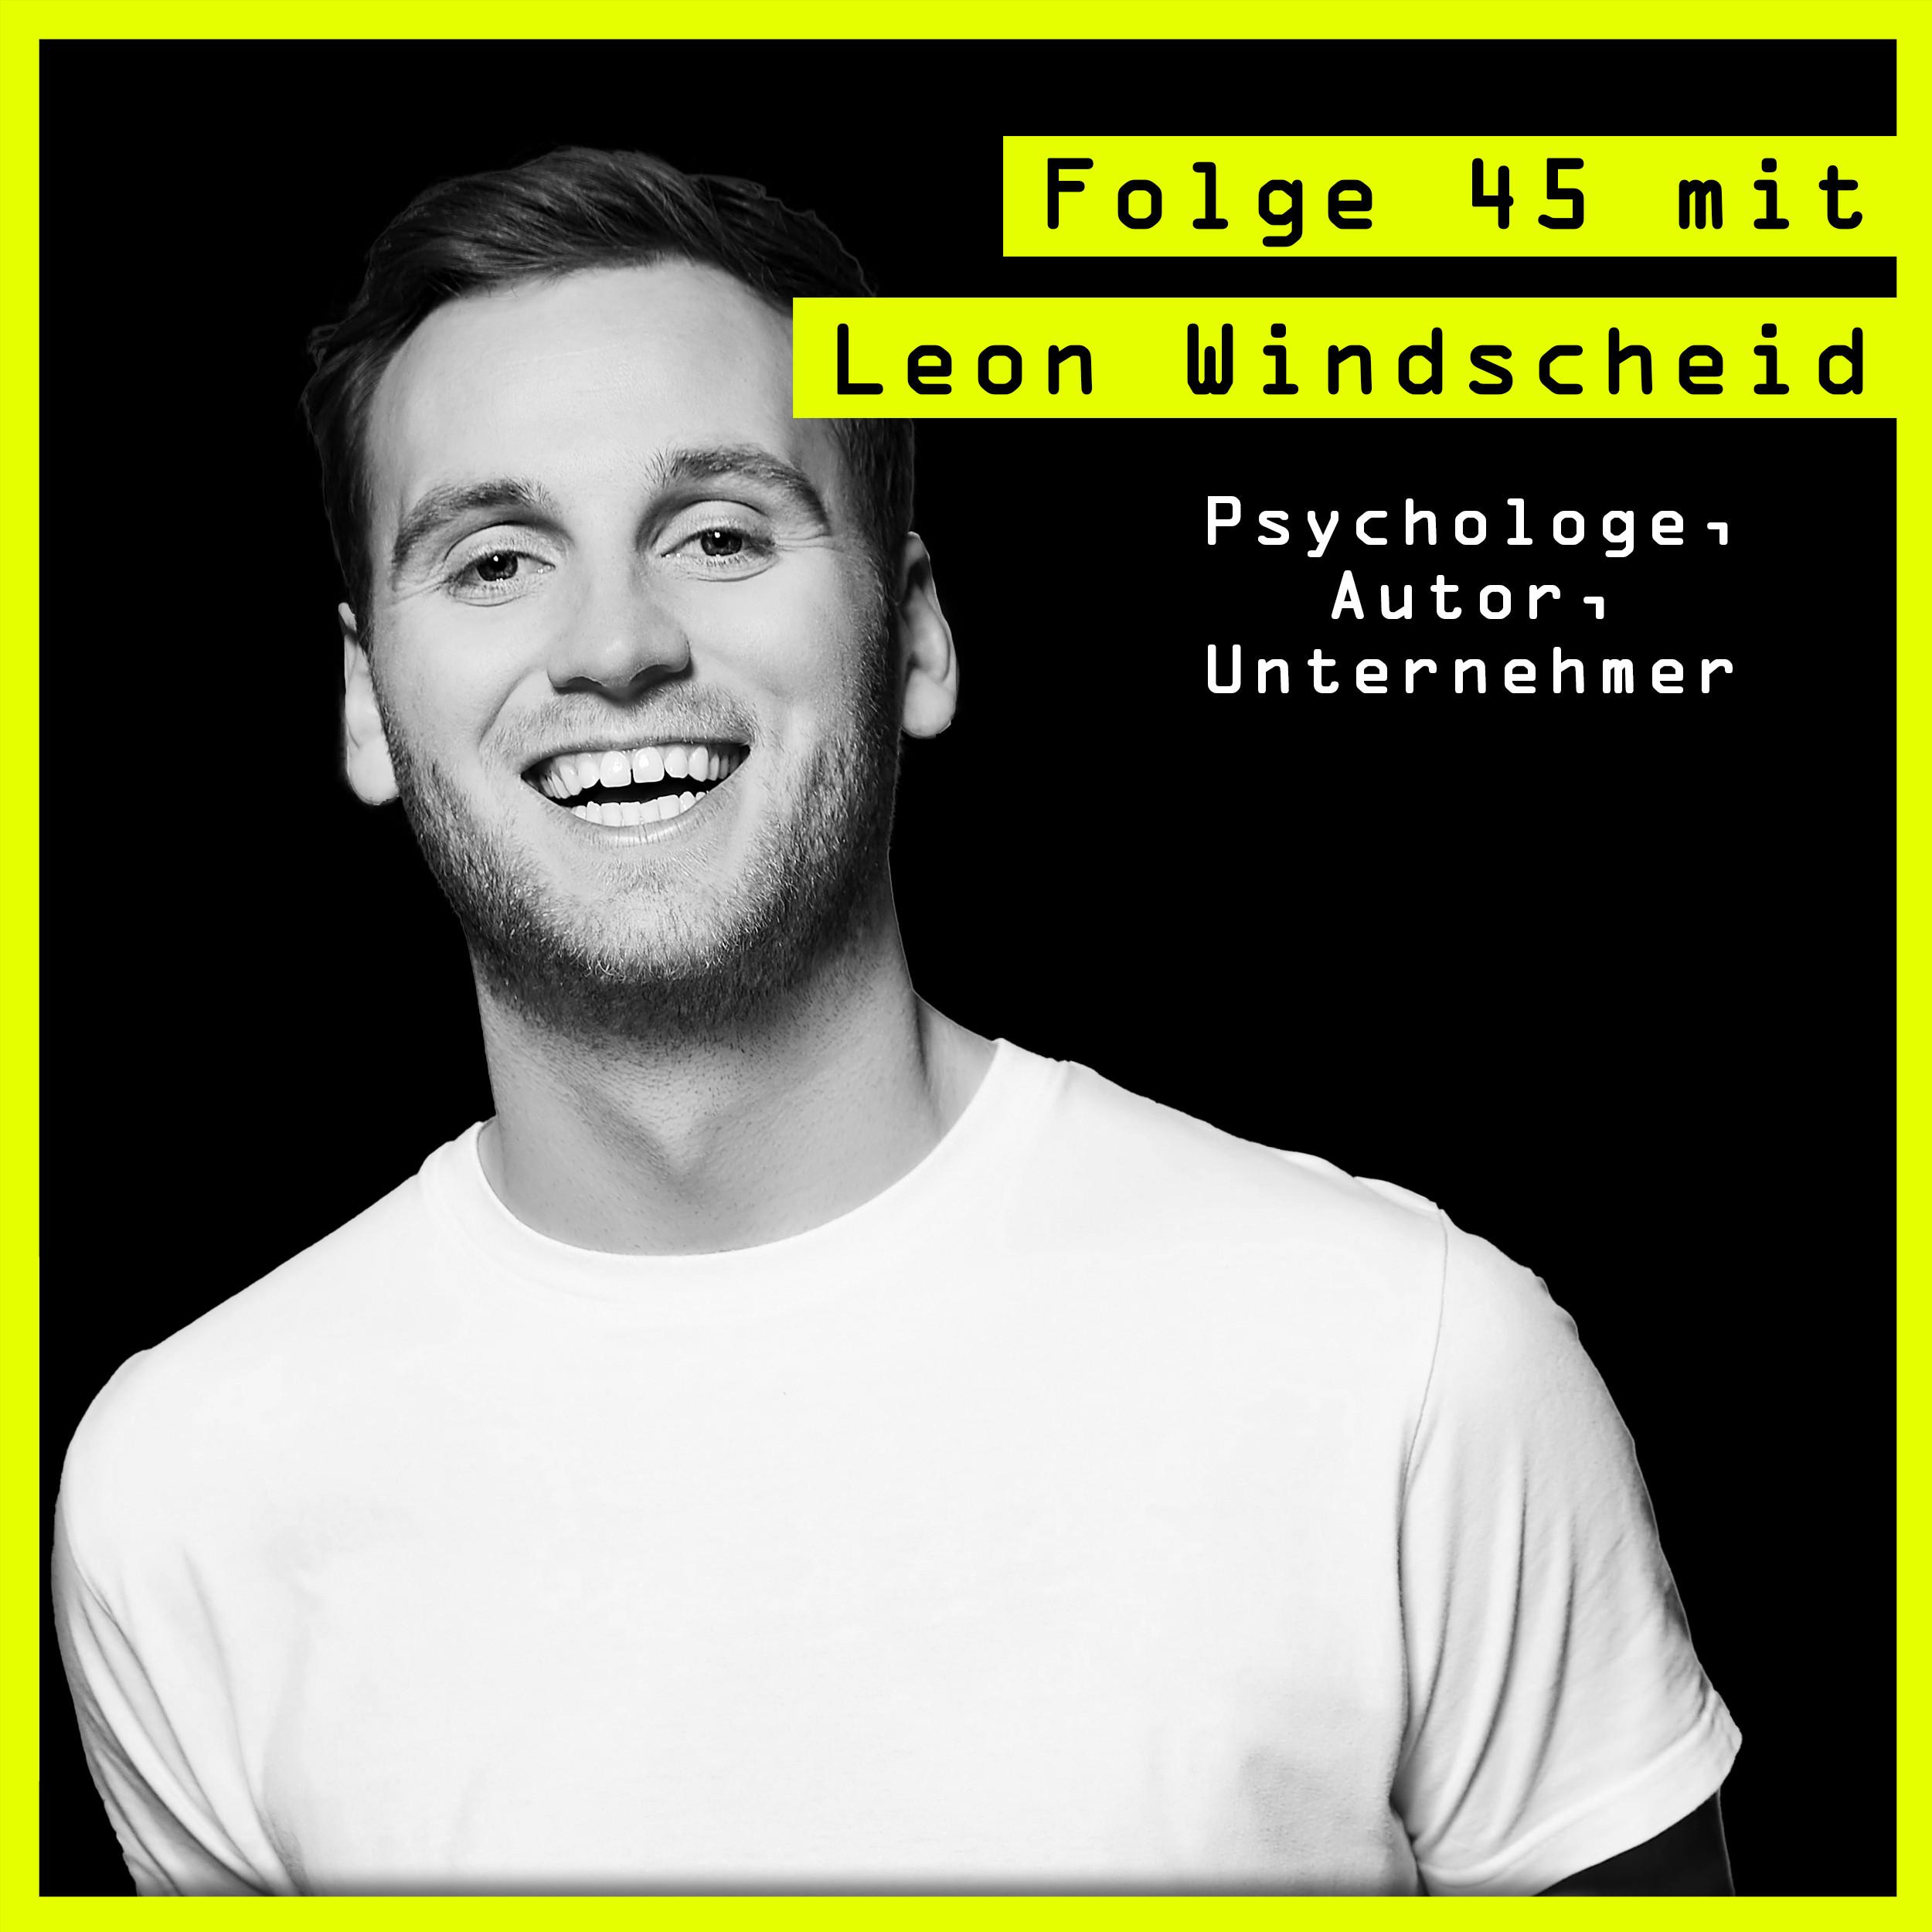 #45 mit Leon Windscheid (Psychologe, Autor, Unternehmer) über: die Kraft der Psyche und das Potential der Angst